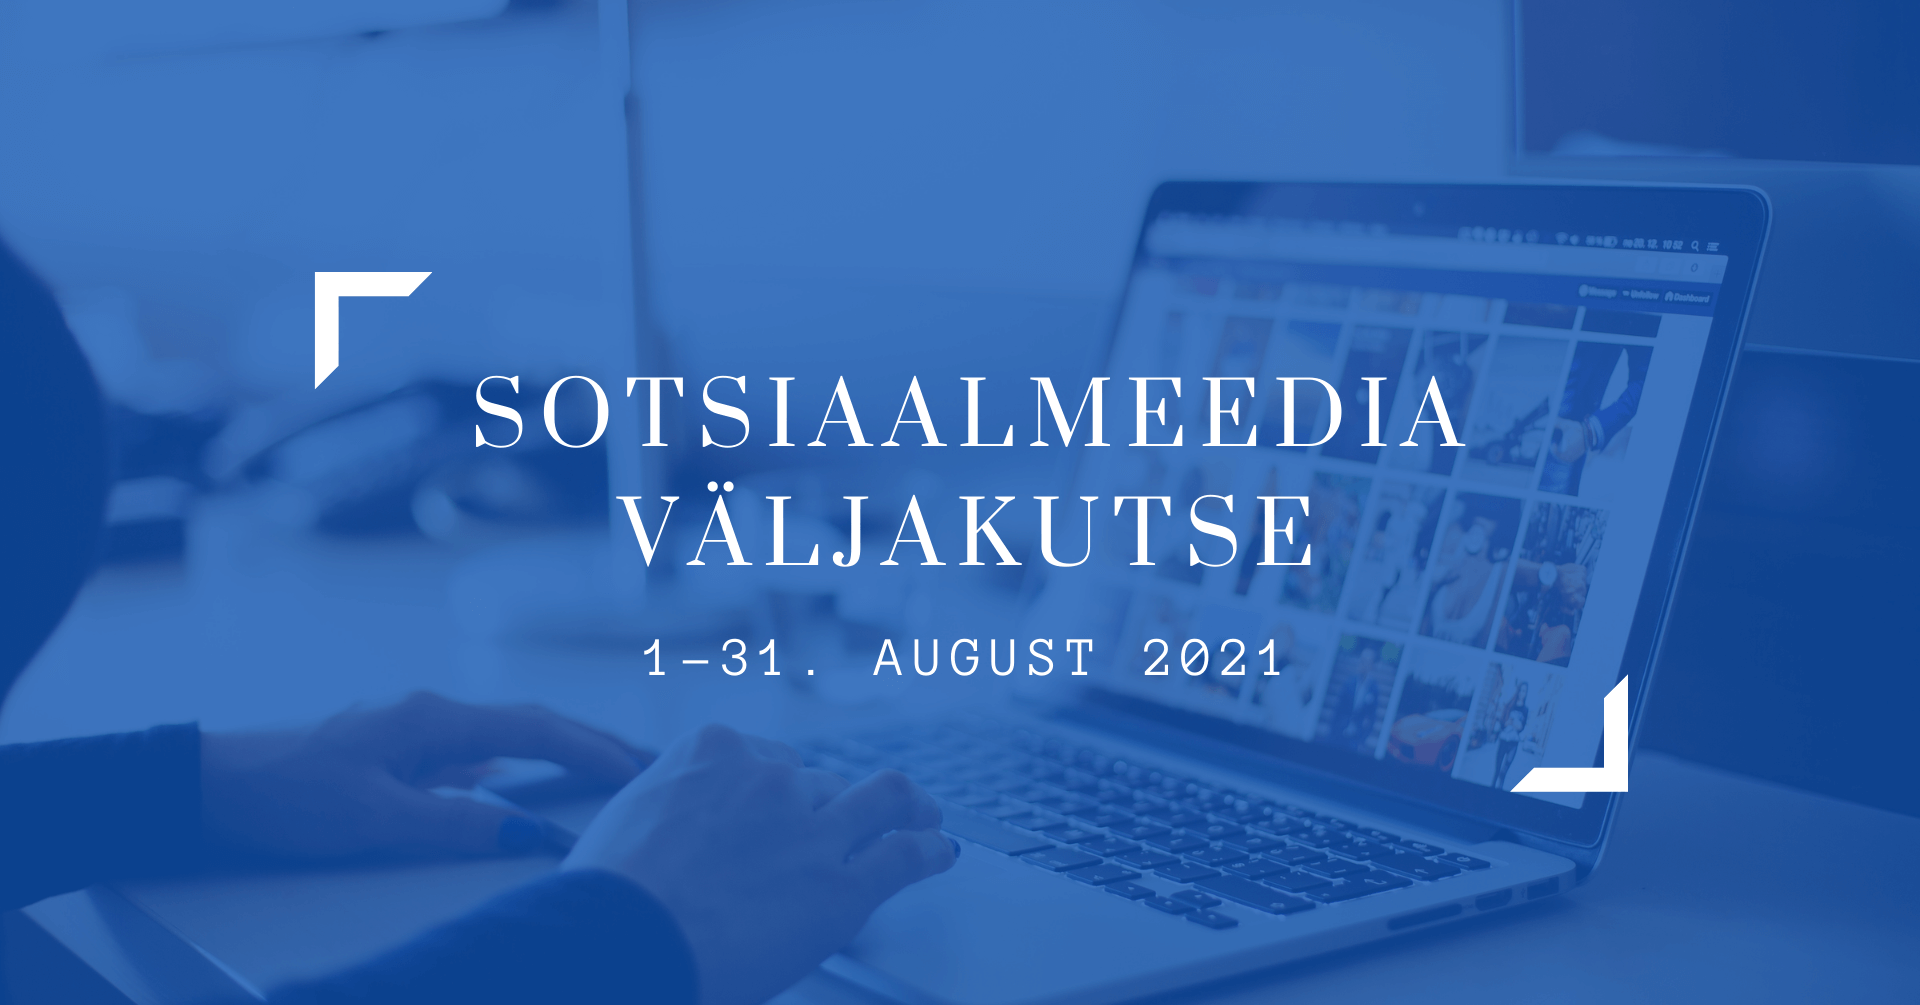 Sotsiaalmeedia koolitus august 2021